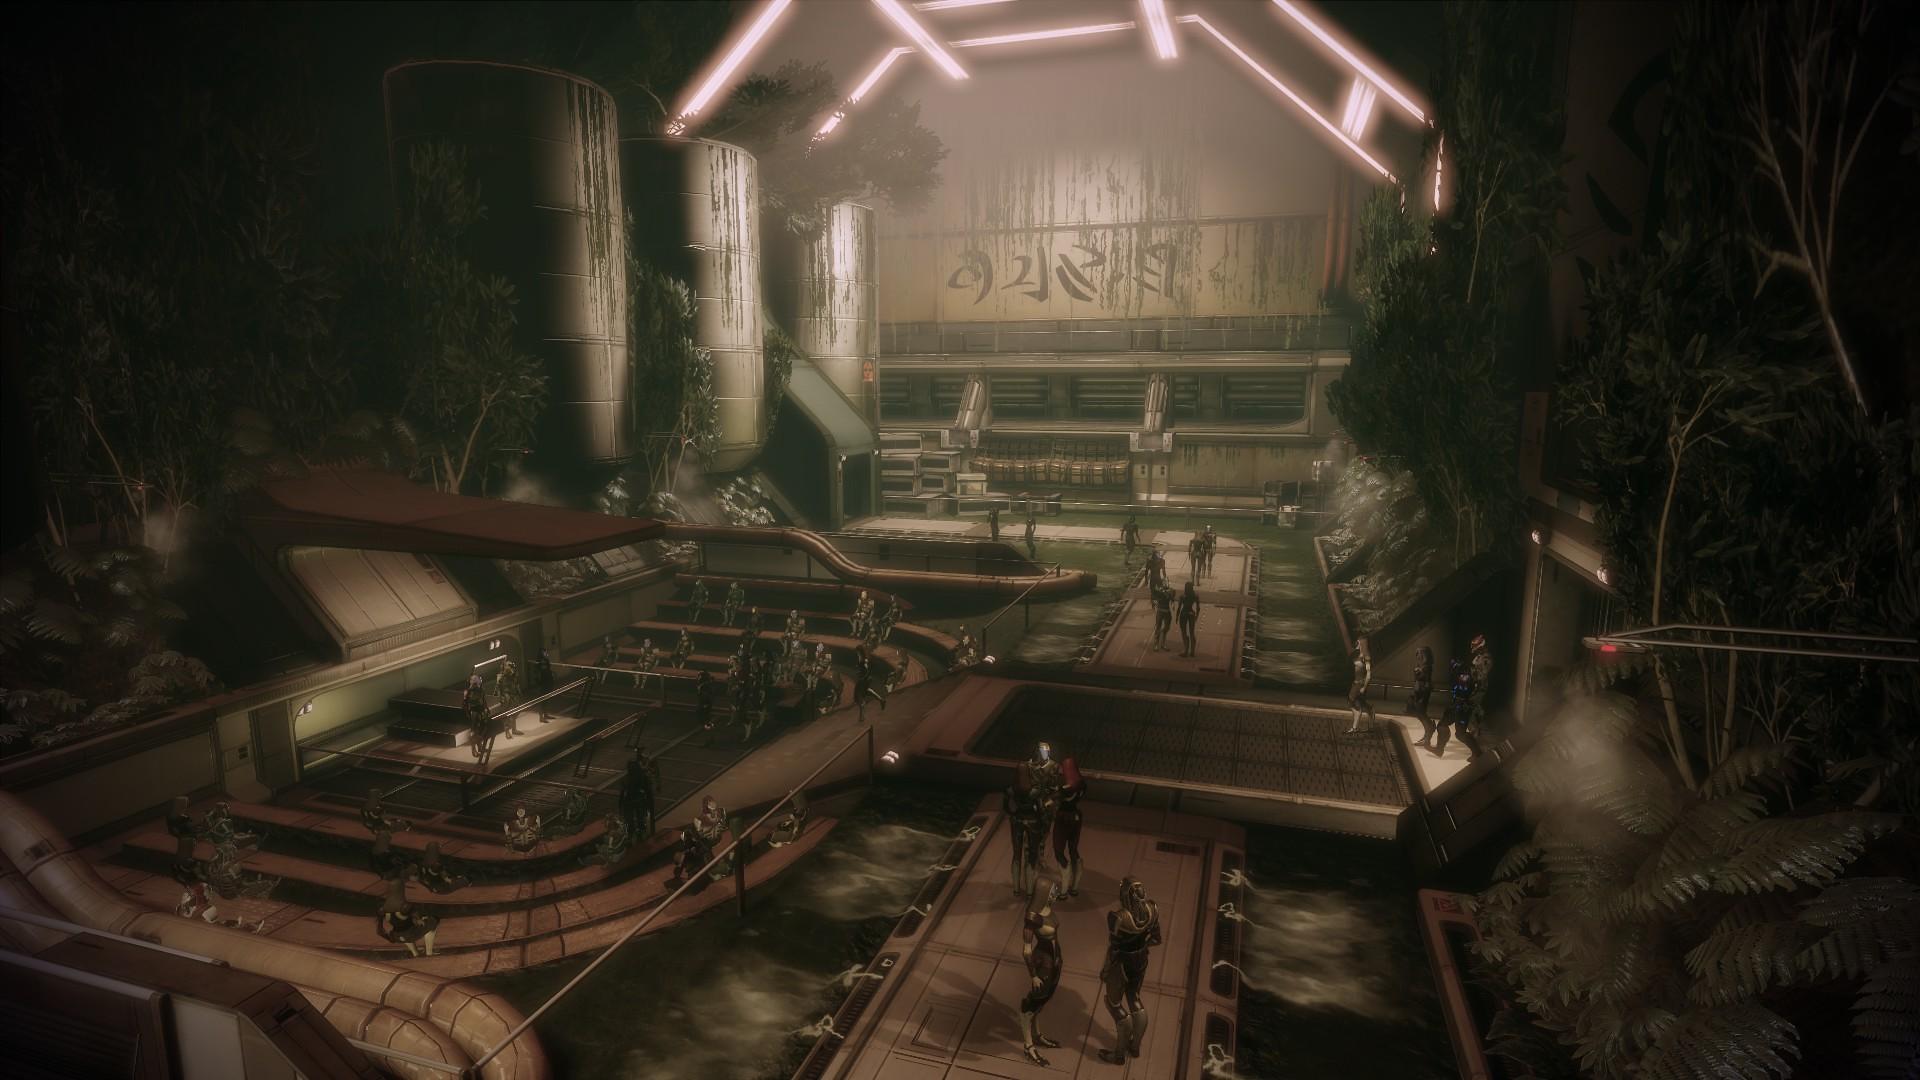 11977399164_07985d7df8_k.jpg - Mass Effect 2